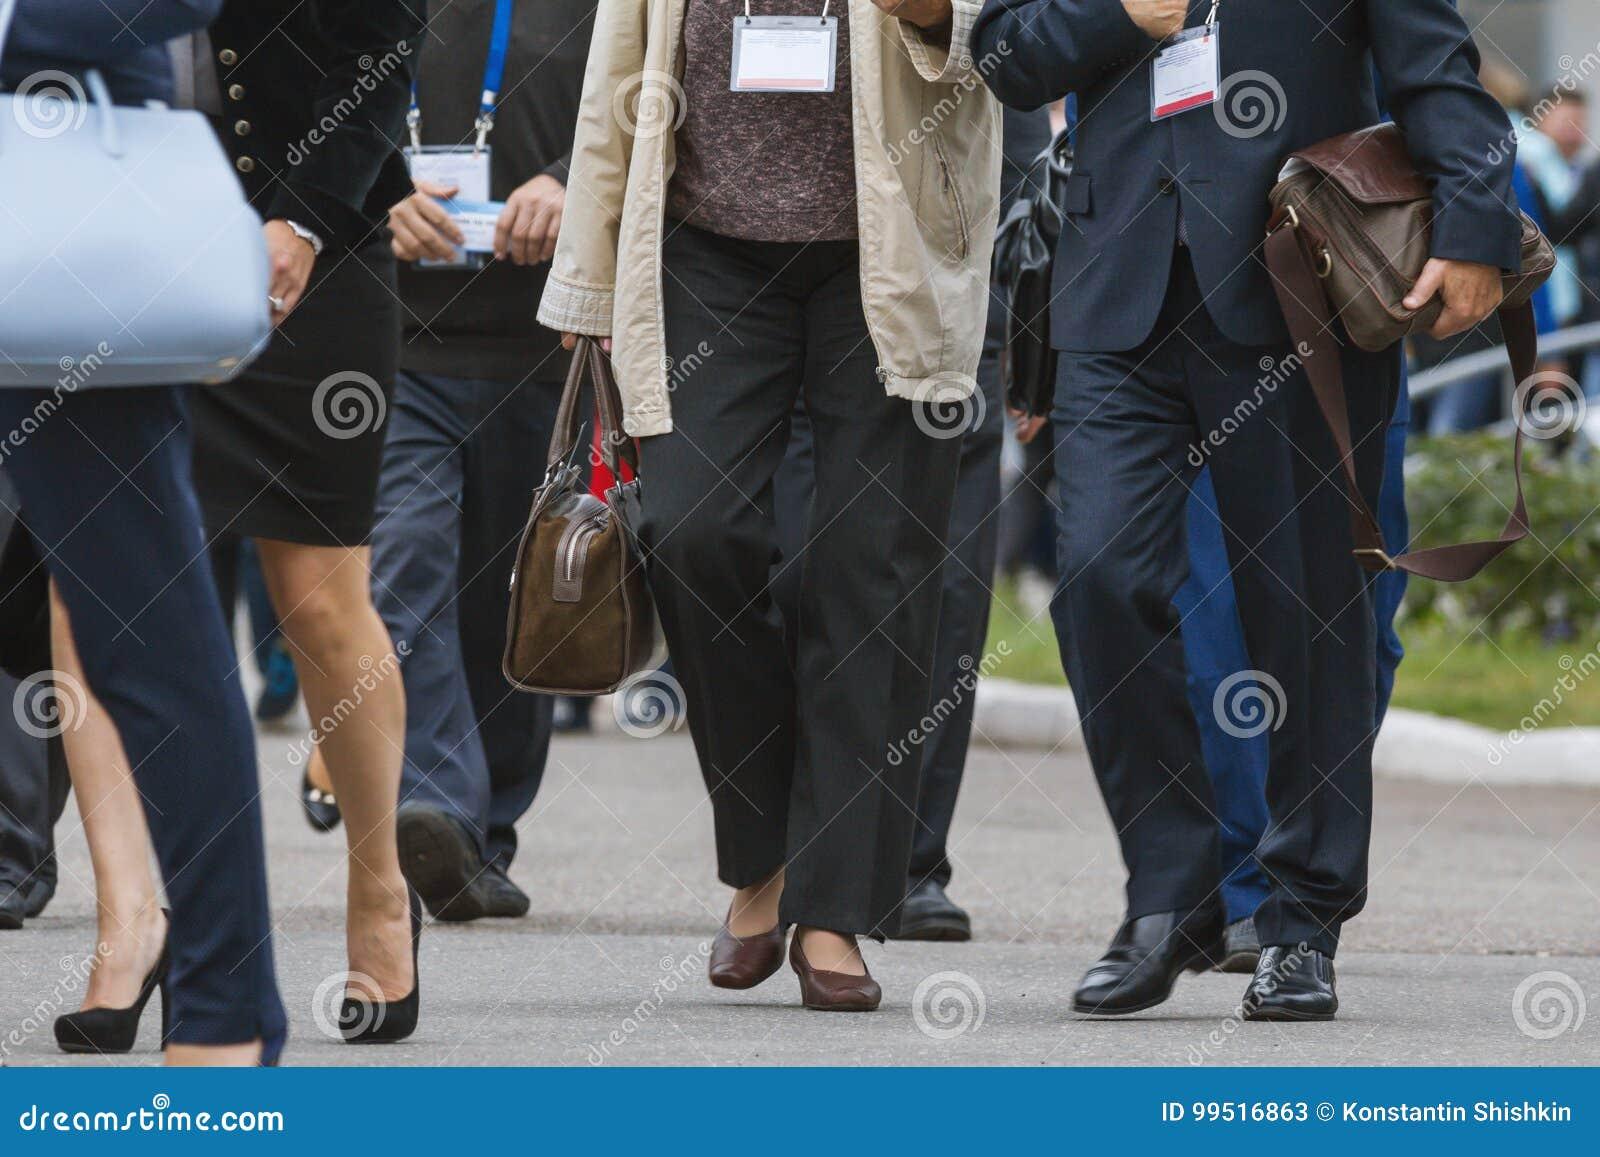 Affärskvinnor och affärsmän som promenerar gatan på konferensen eller utställningen